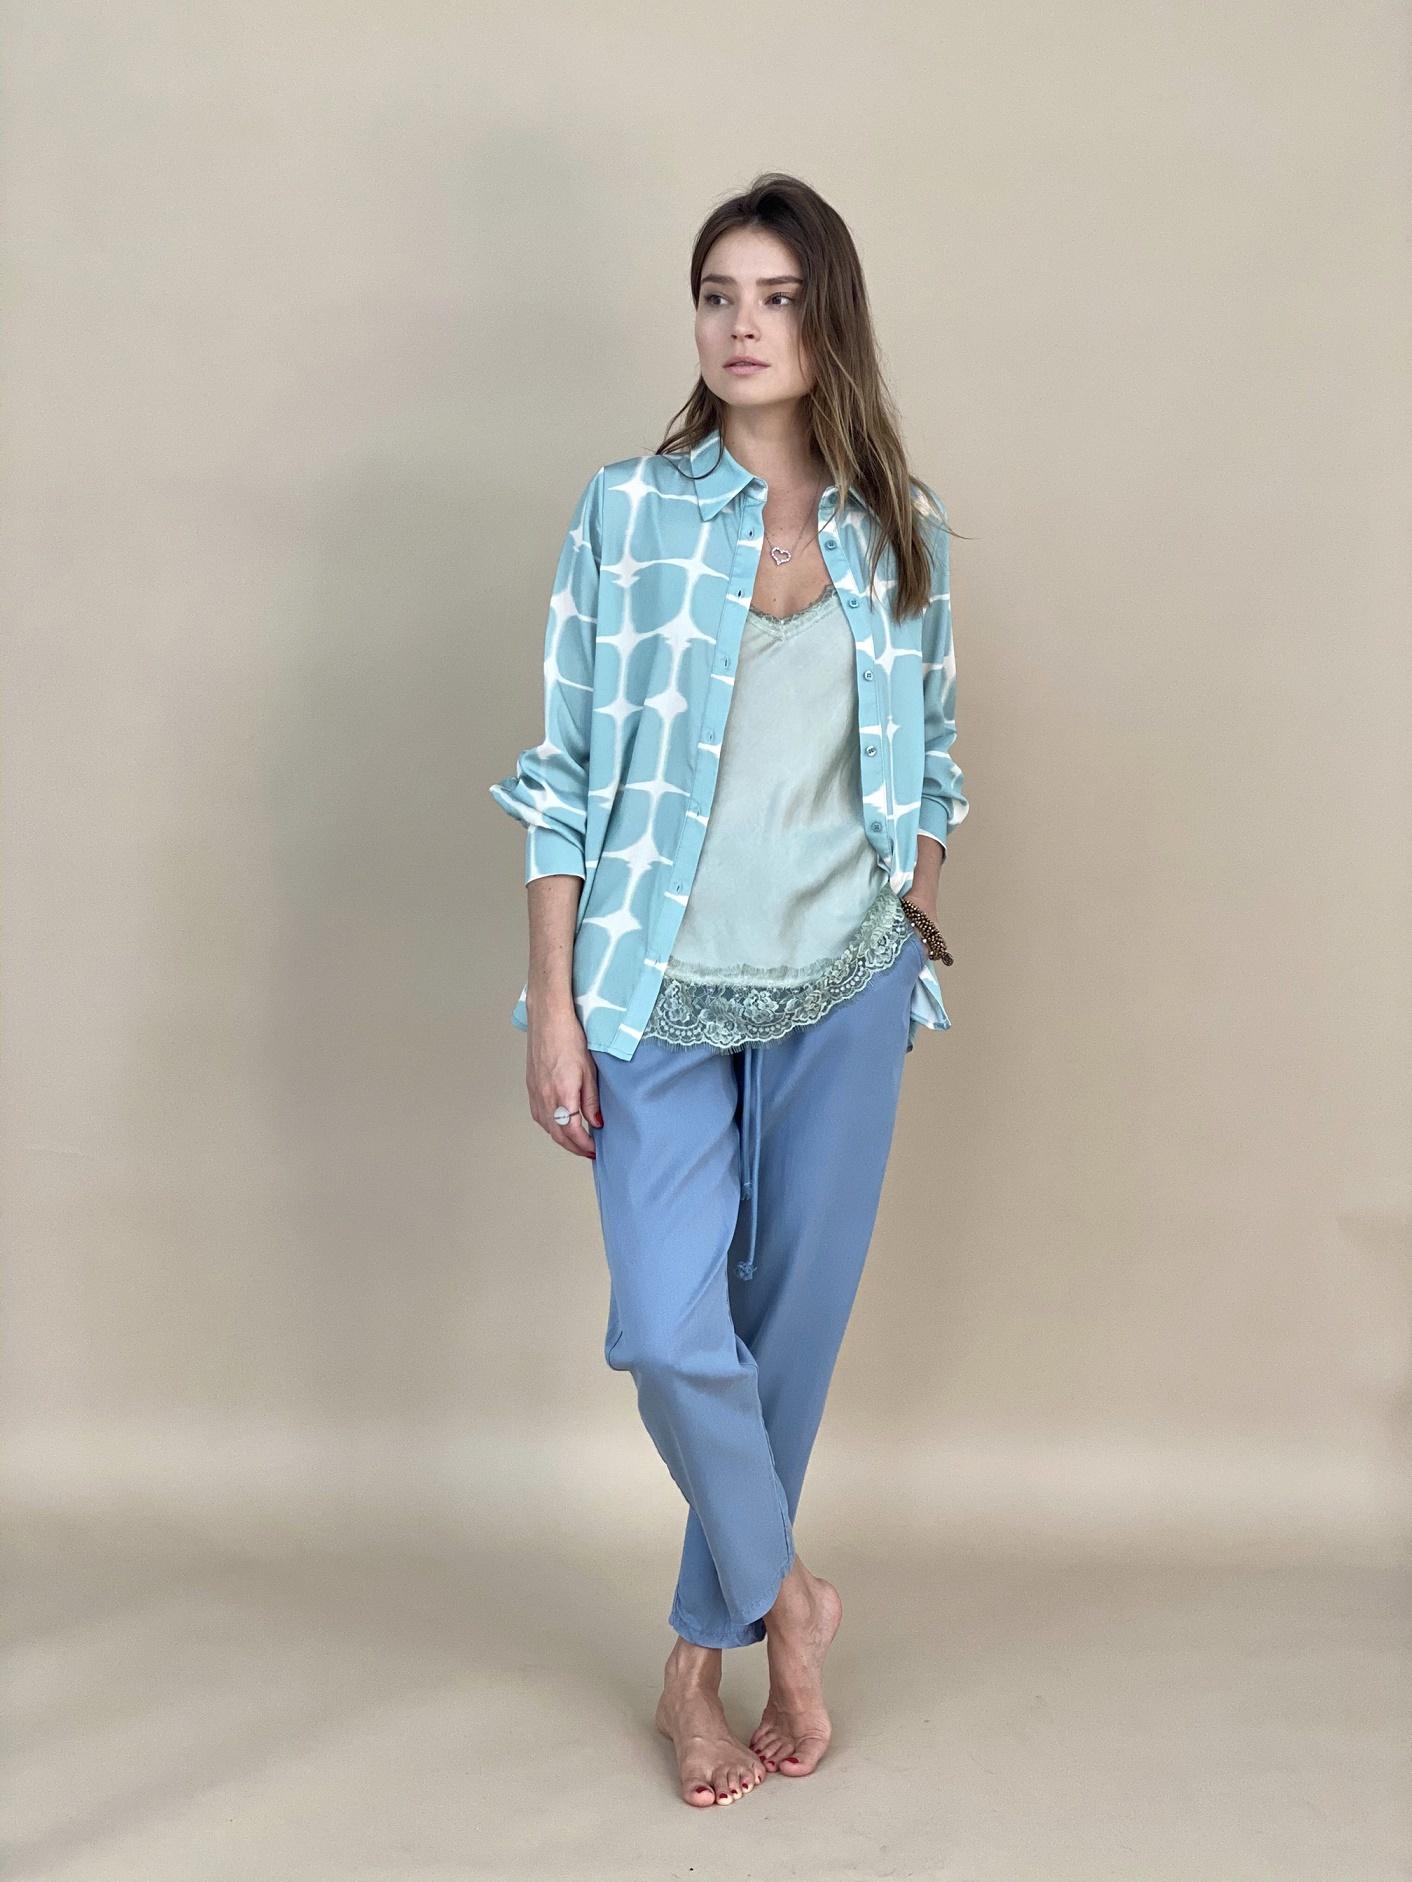 Рубашка, LUMINA, L1007 (мята)